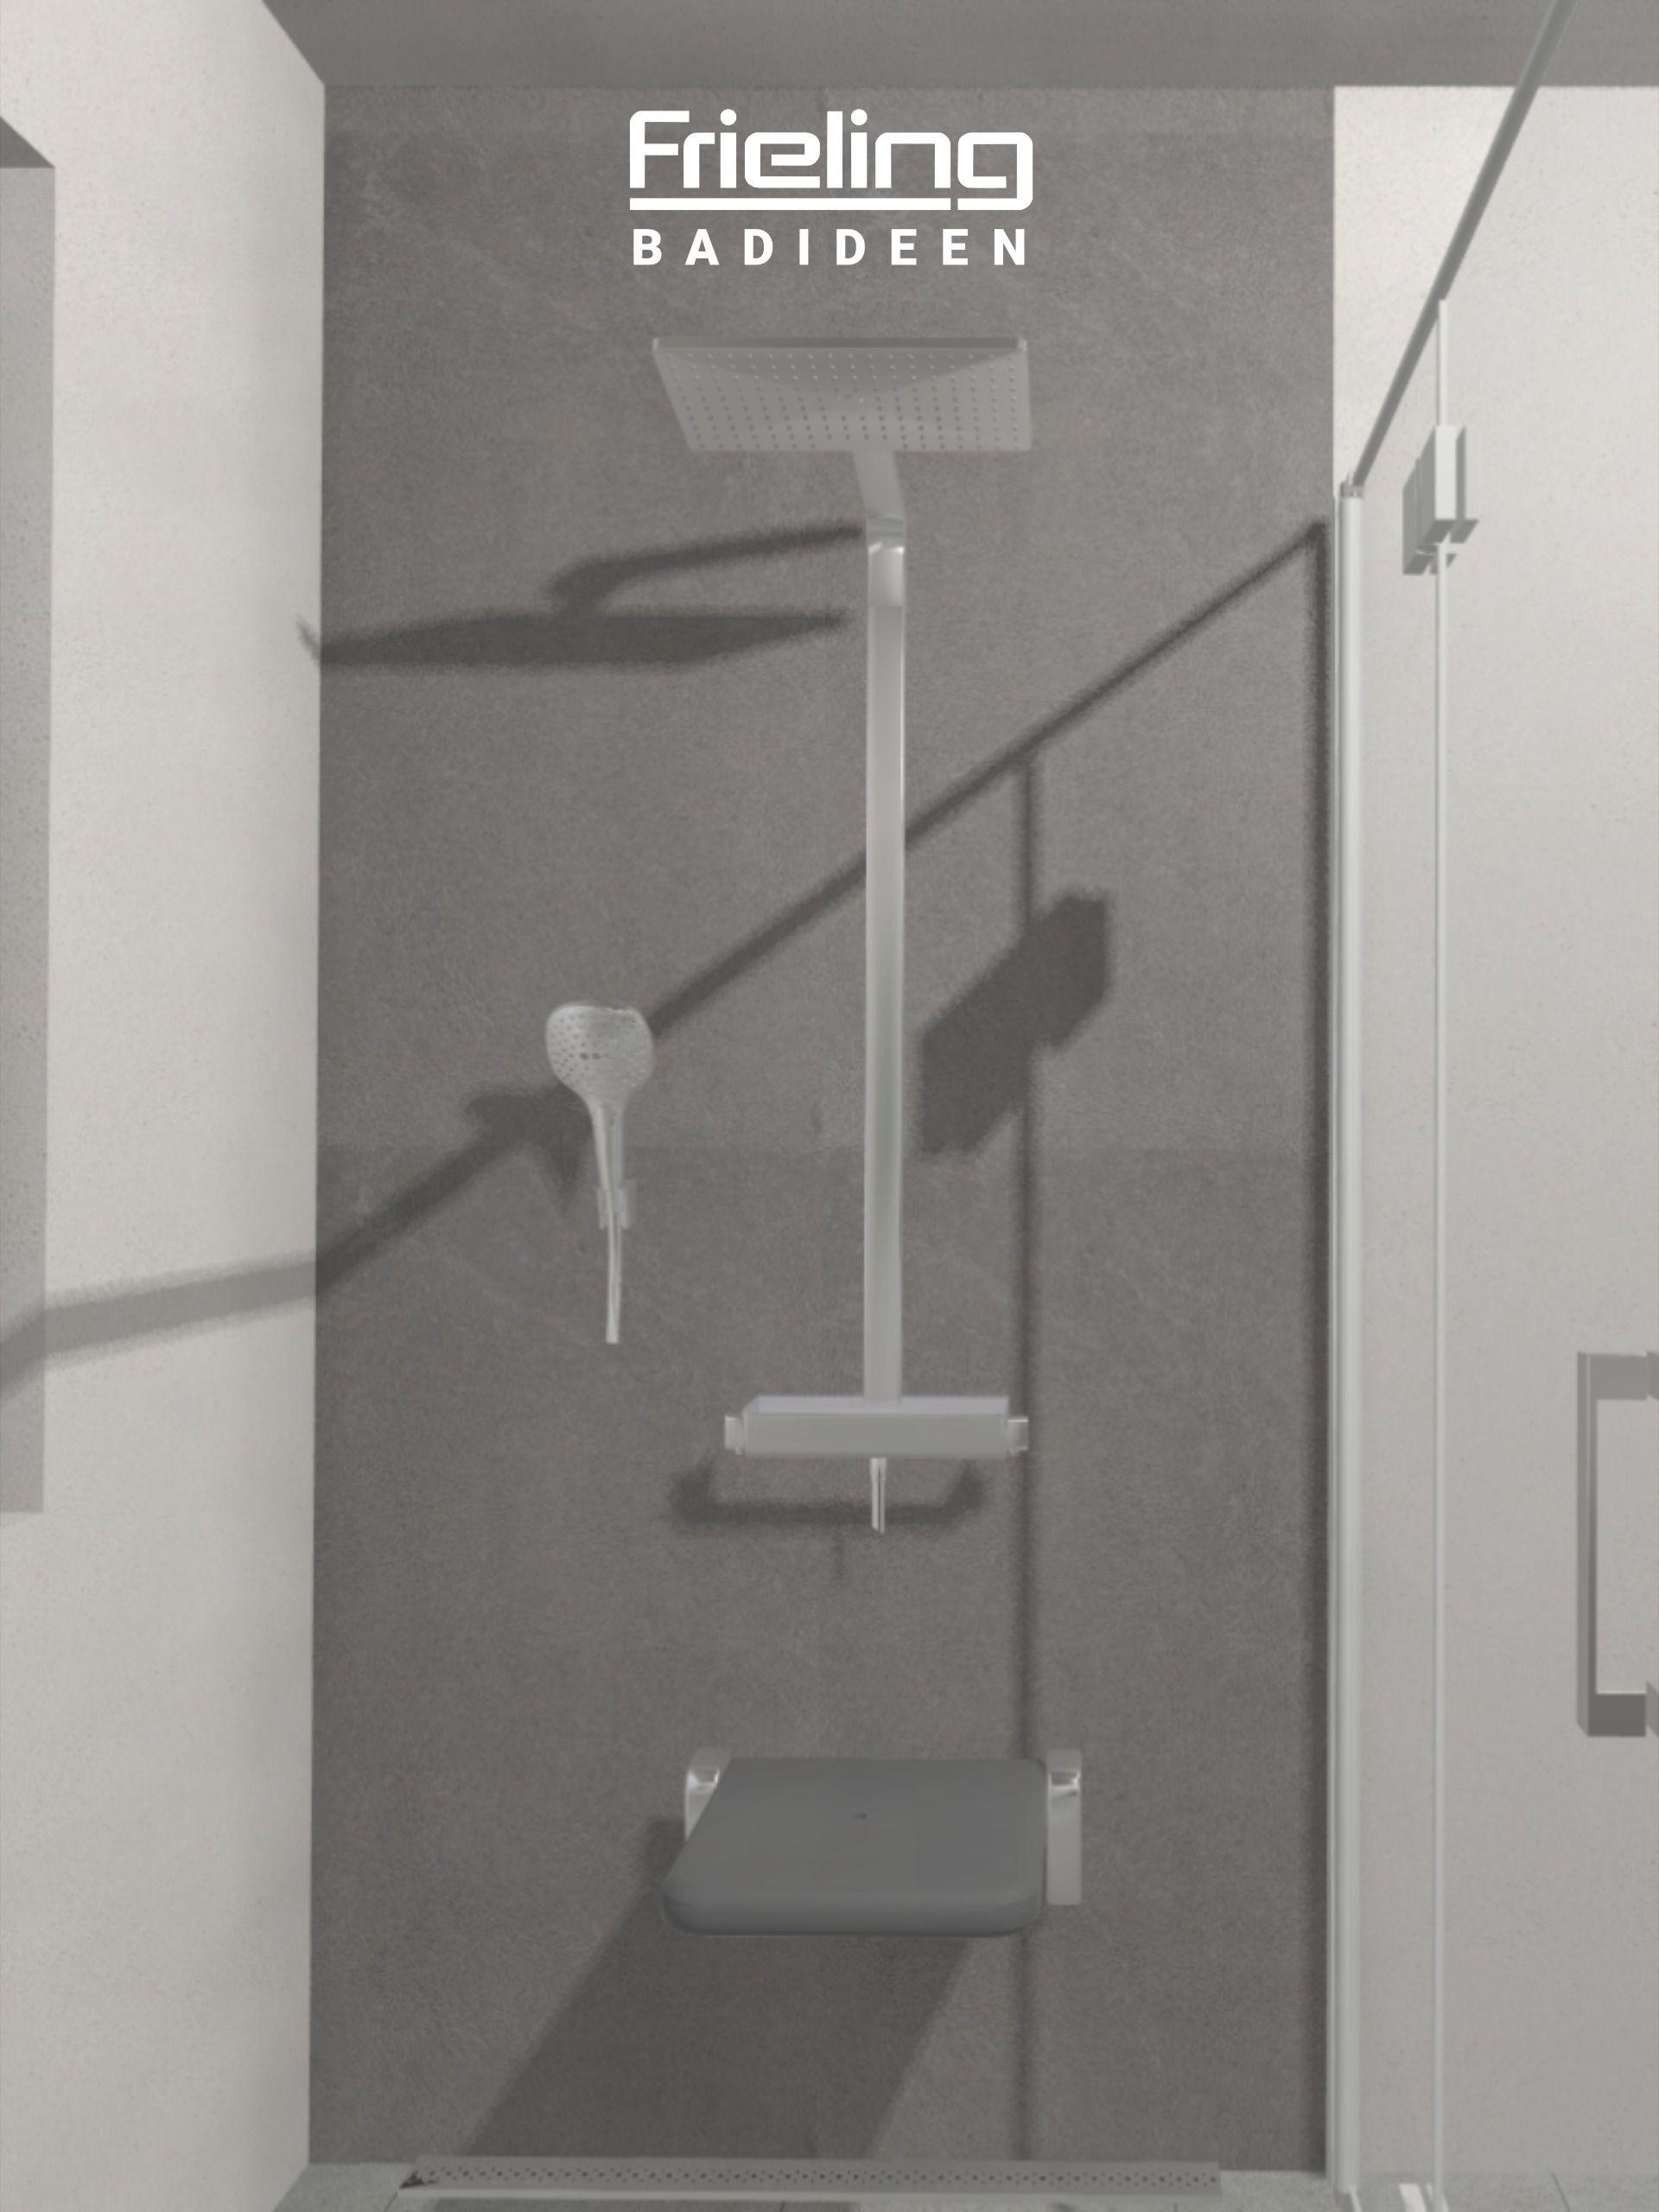 Das Barrierefreie Bad Mit Duschklappsitz Ansicht Dusche In 2020 Barrierefrei Bad Bad Ebenerdige Dusche